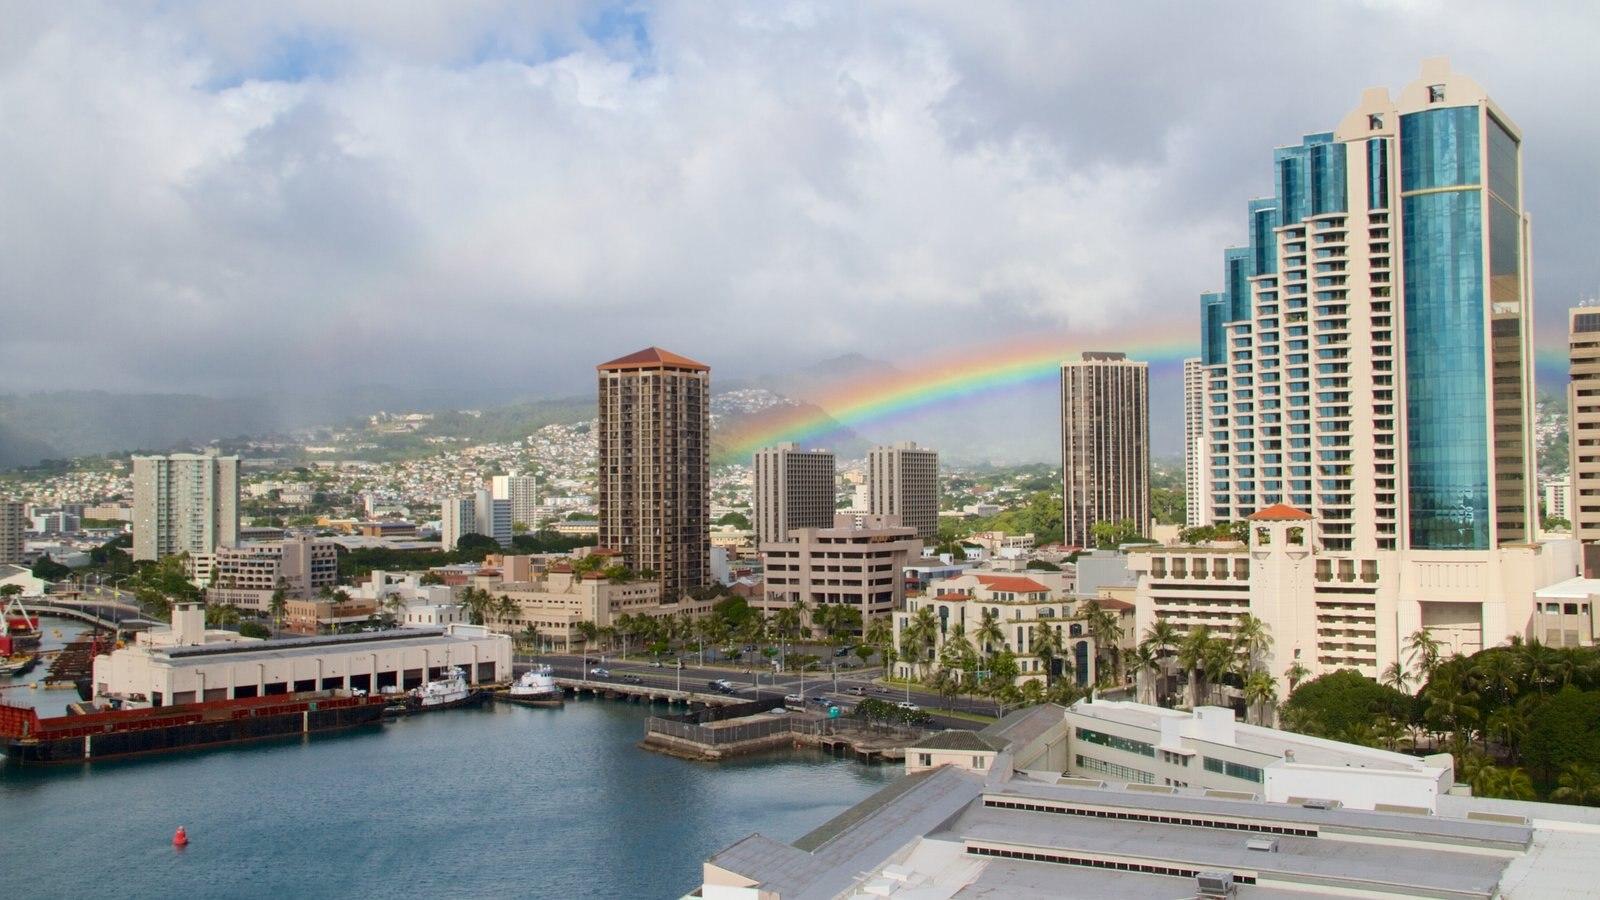 Honolulu que inclui uma cidade, linha do horizonte e arquitetura moderna